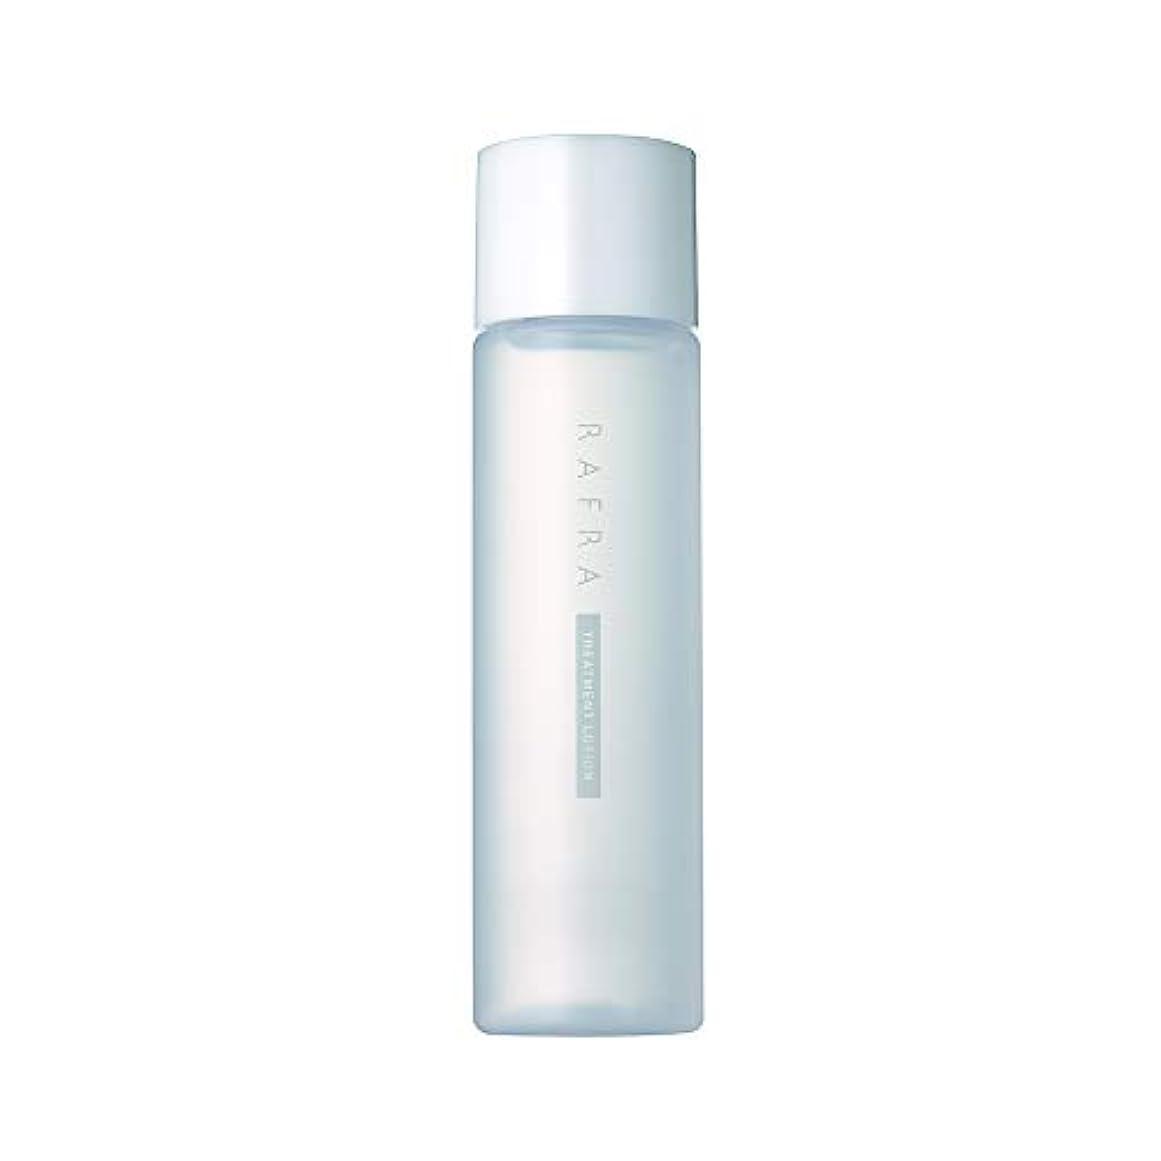 謝るかご変更可能ラフラ トリートメントローション 150ml 化粧水 ブースター 導入液